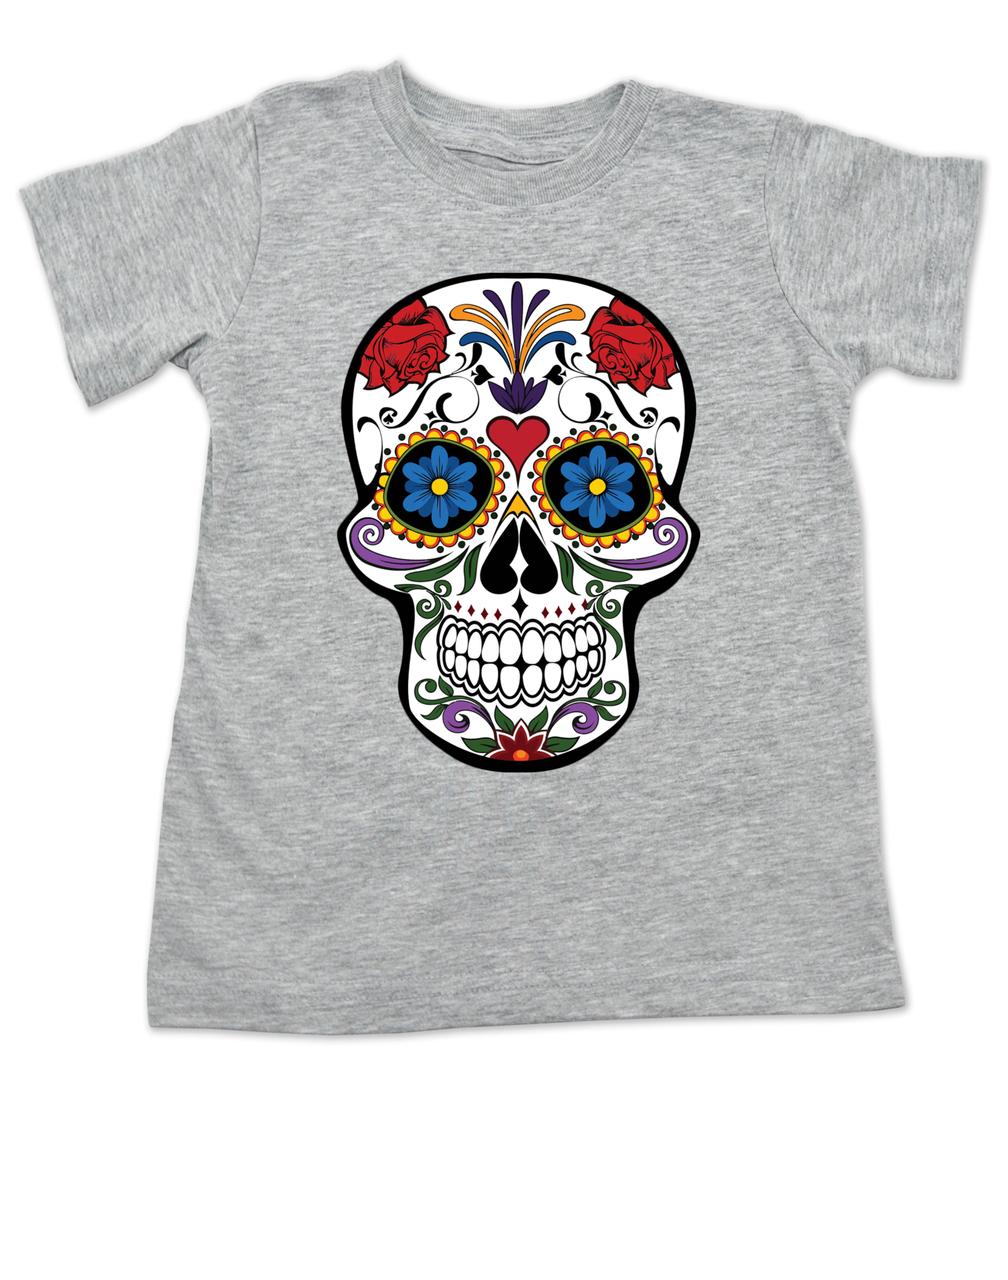 c311ca6777 Dia de los Muertos - Colorful Sugar Skull Toddler Shirt